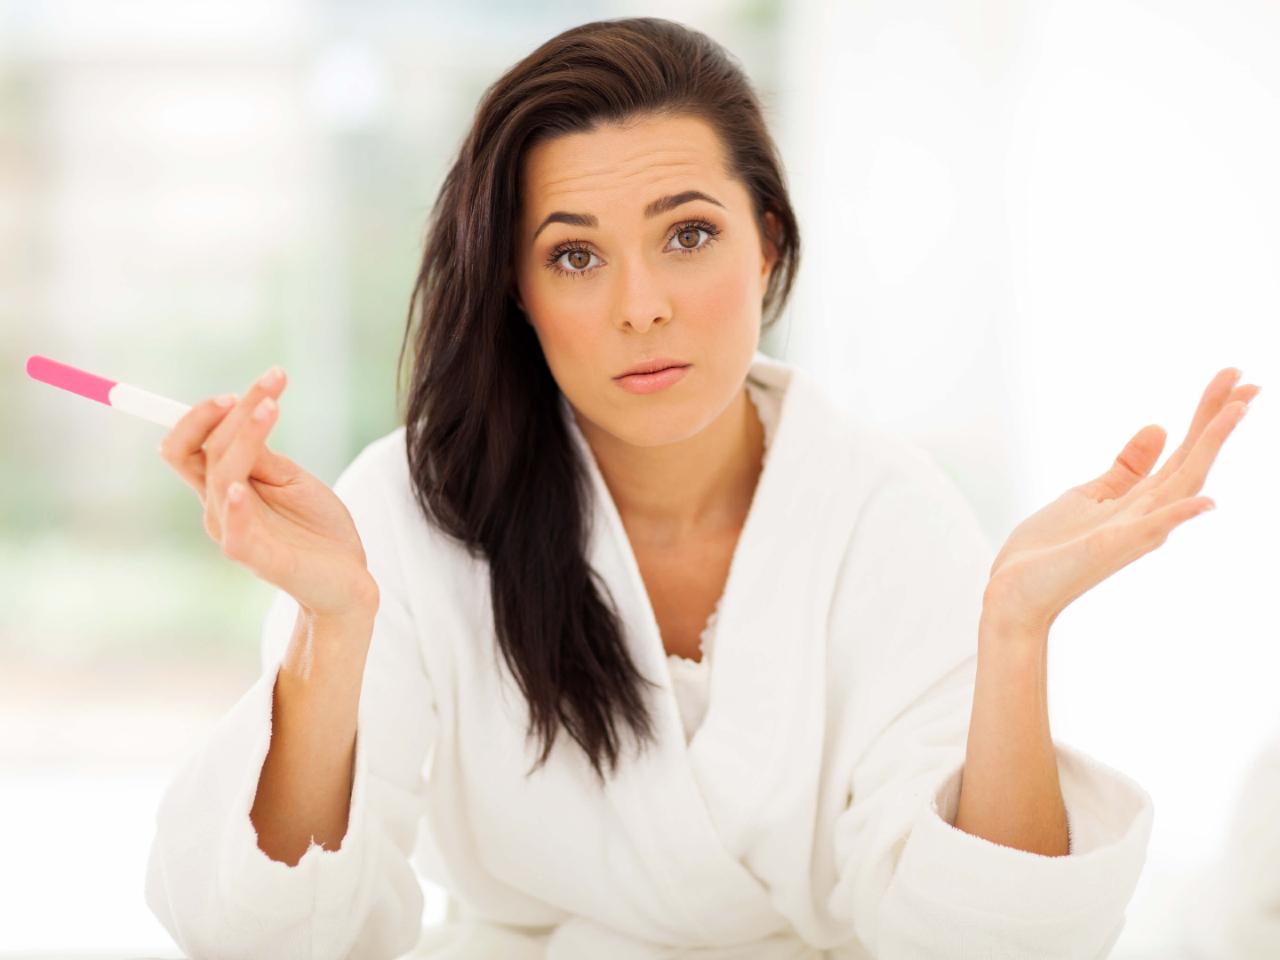 mulher com teste de gravidez nas mãos